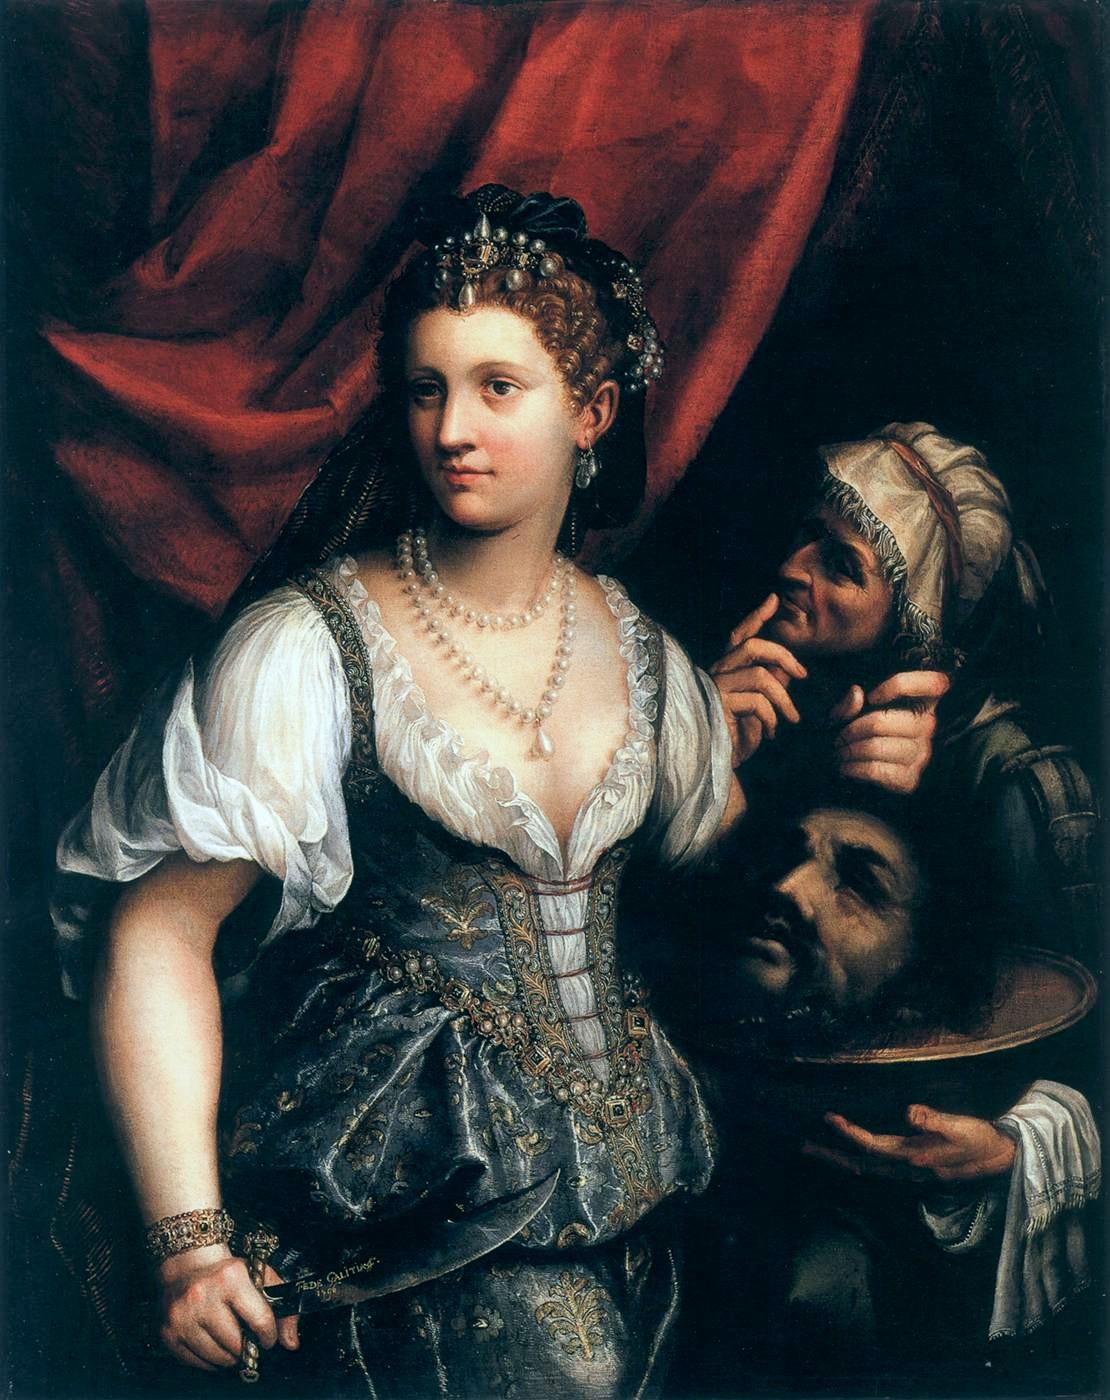 7. Judith con la cabeza de Holofernes